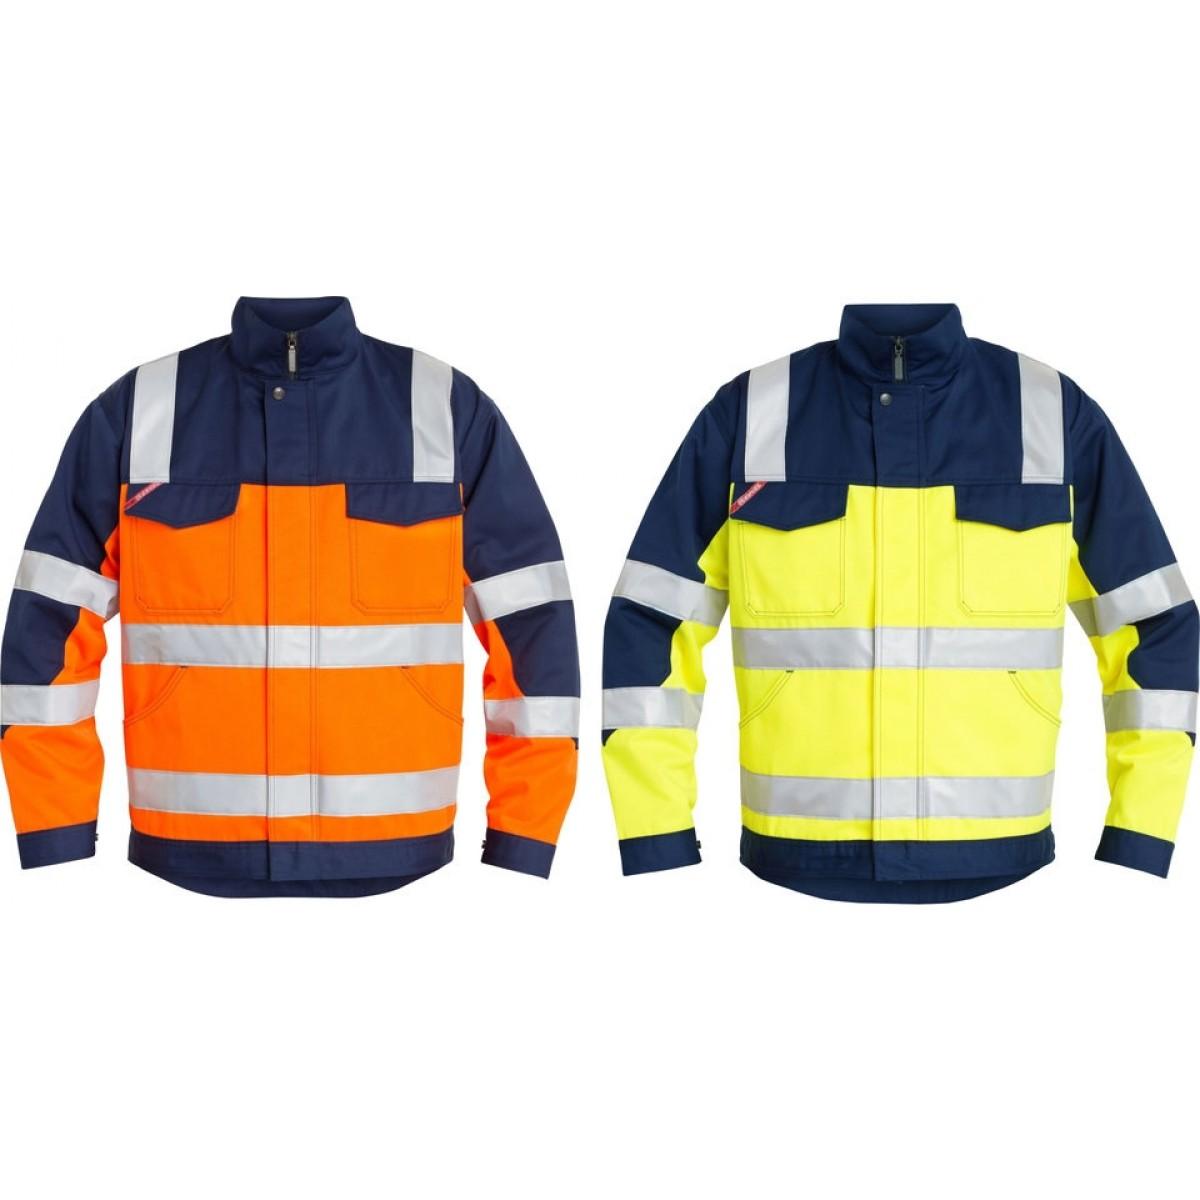 FE Engel Light Jakke Safety EN ISO 20471-31